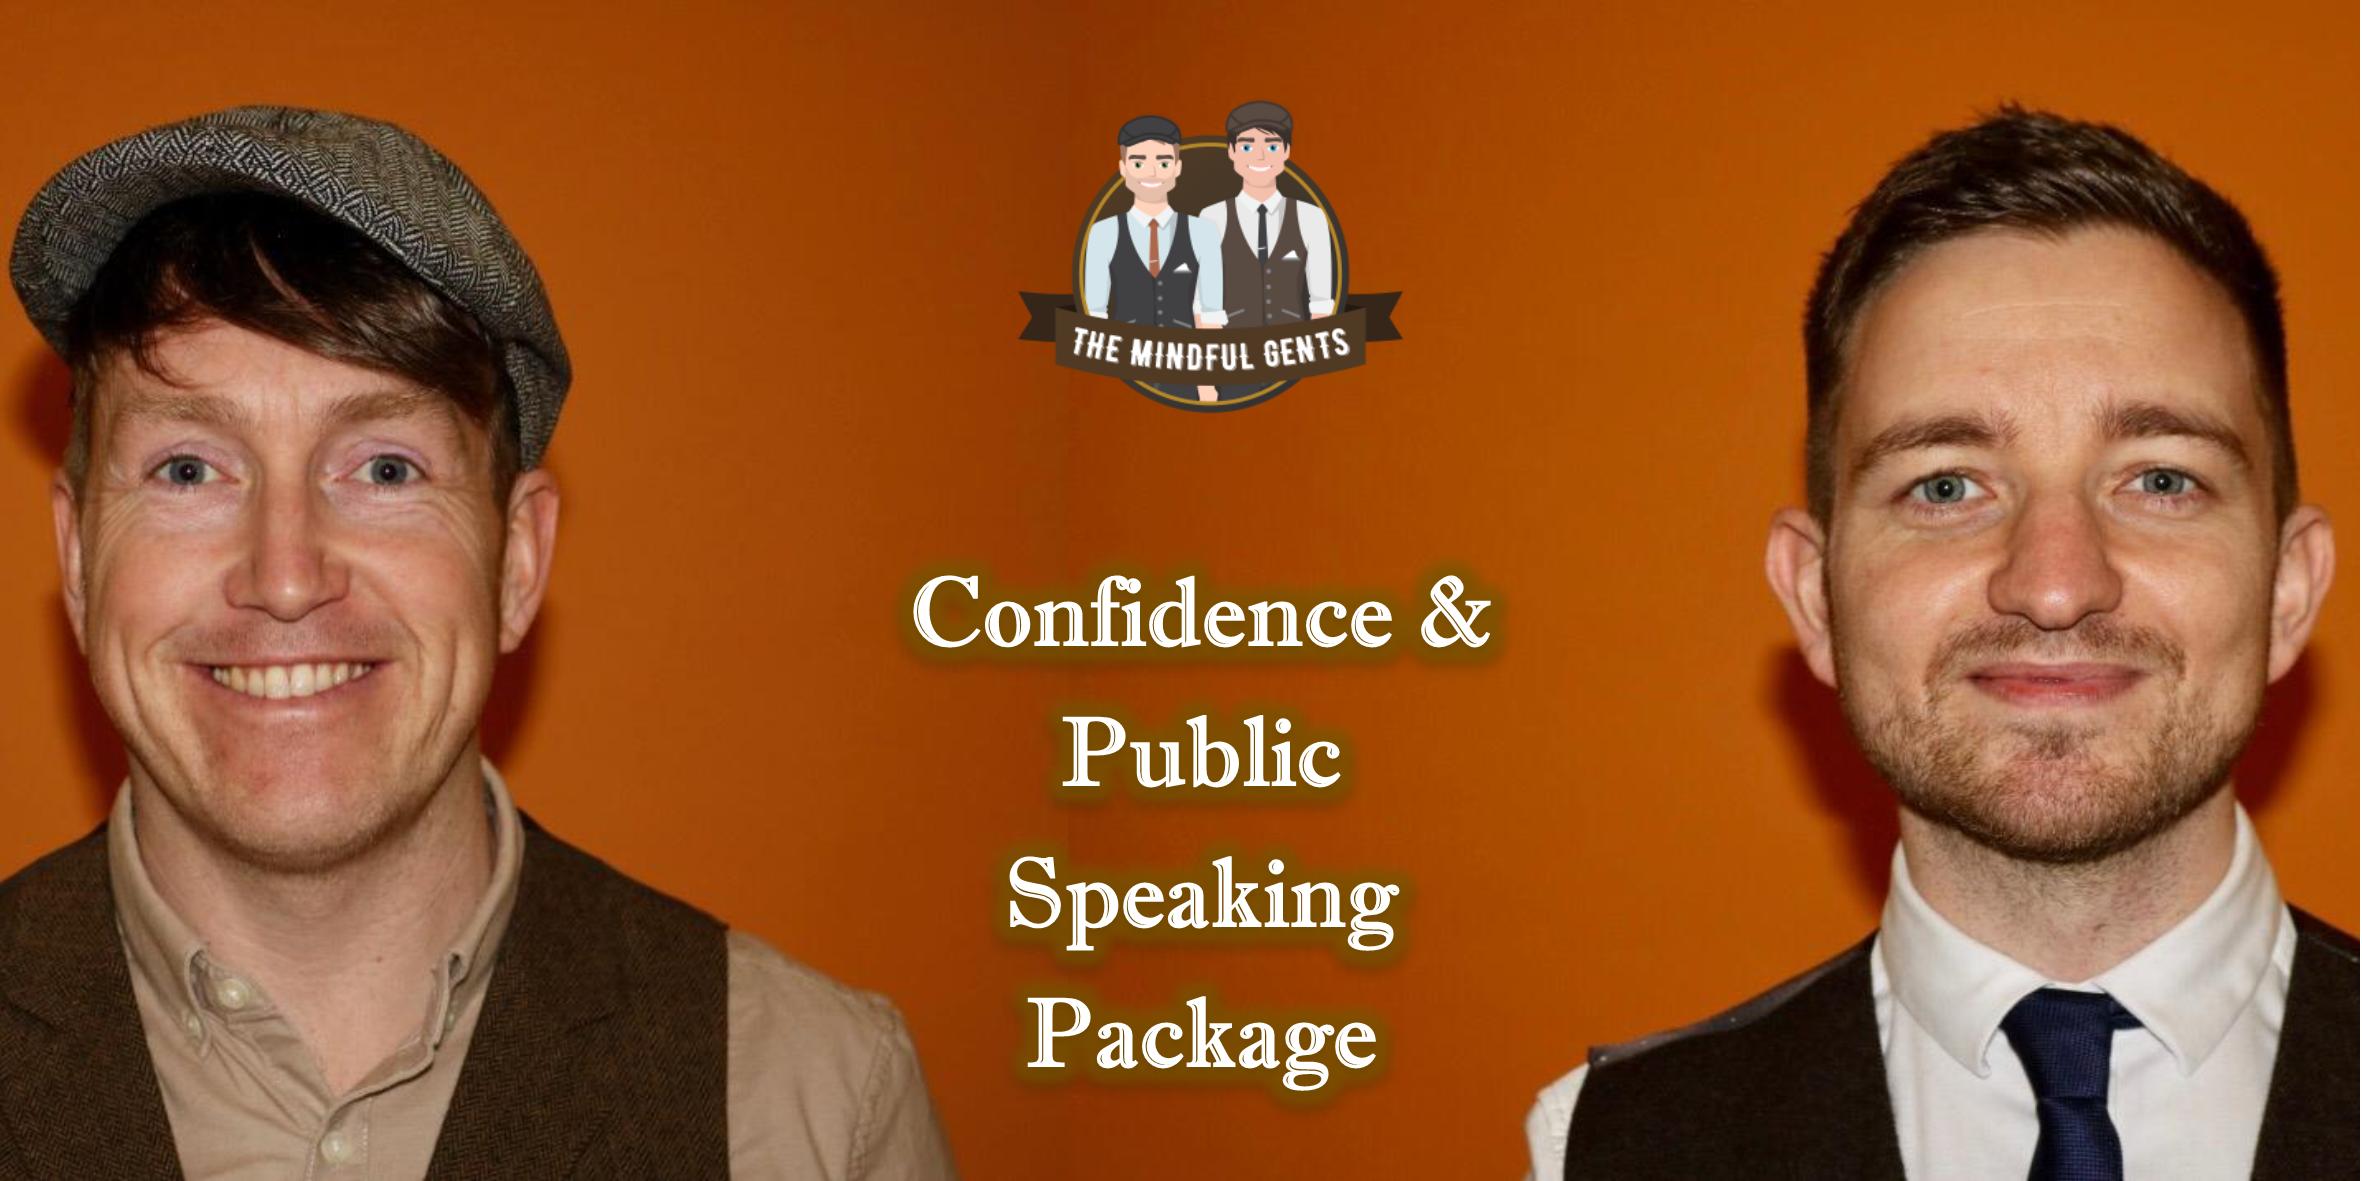 Confidence & Public Speaking